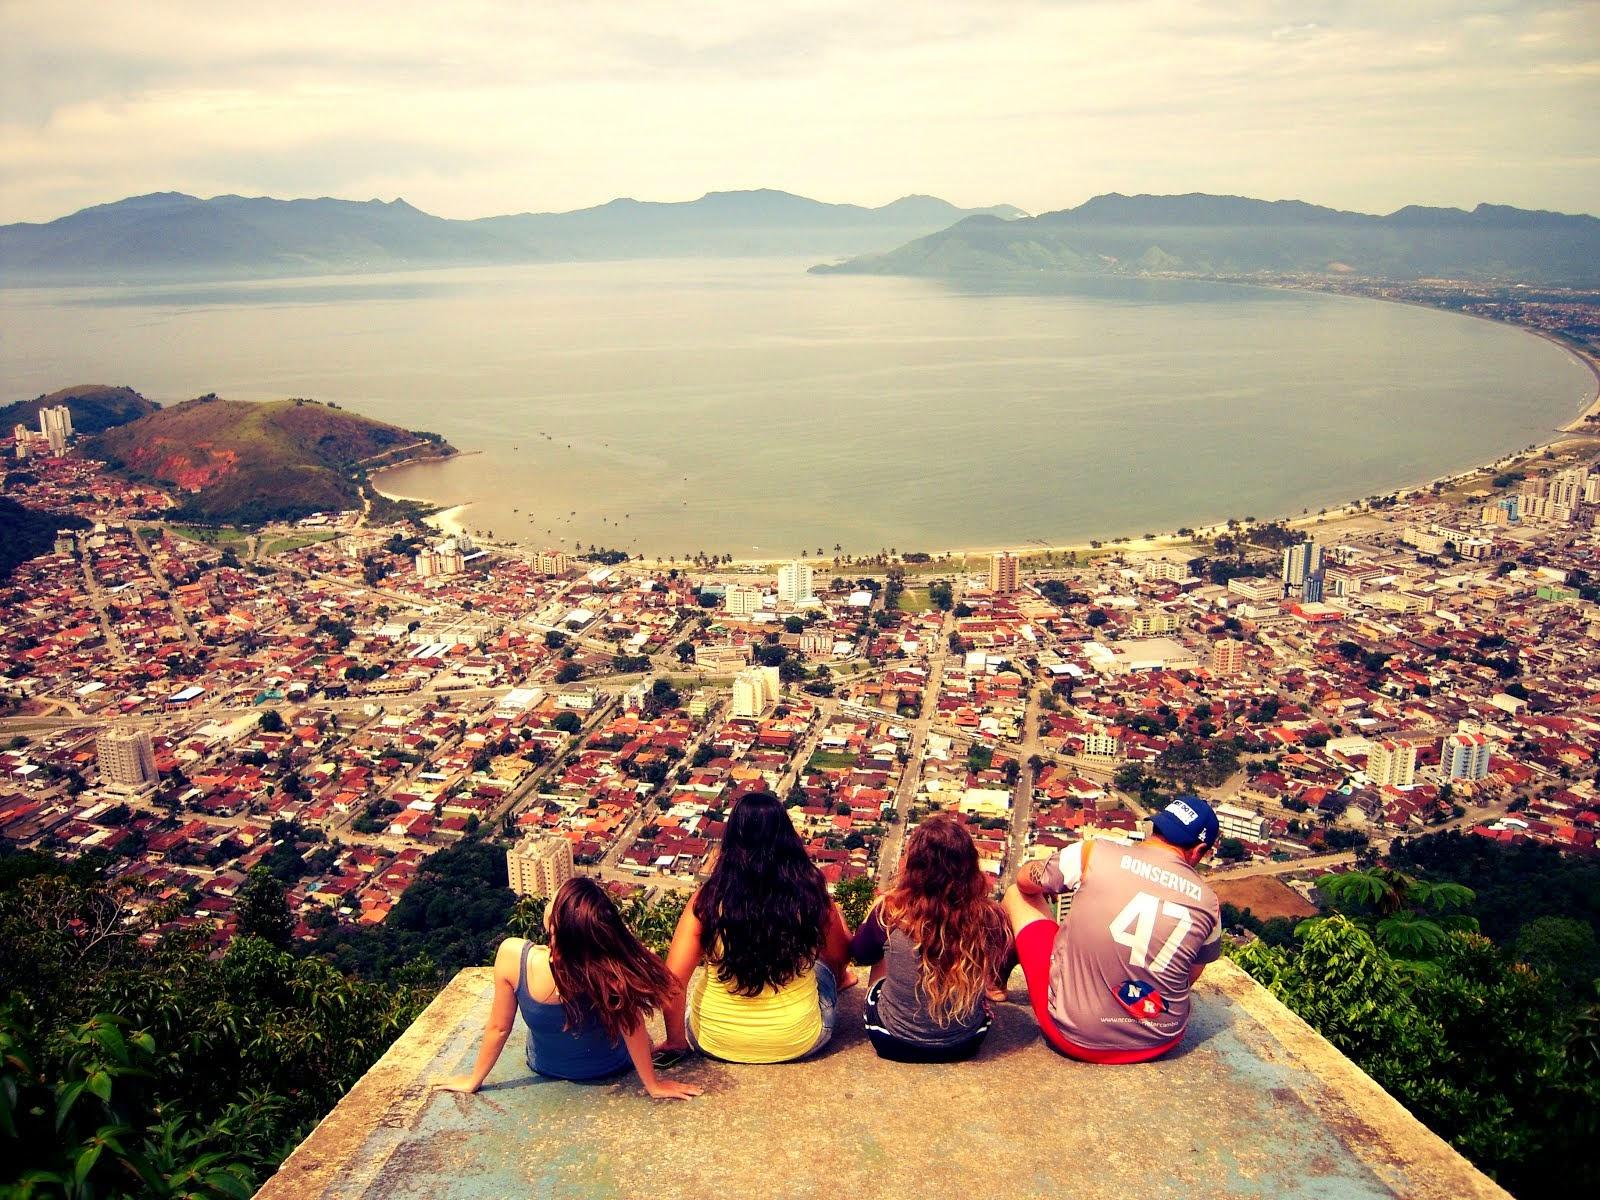 Bethy/Brazilia